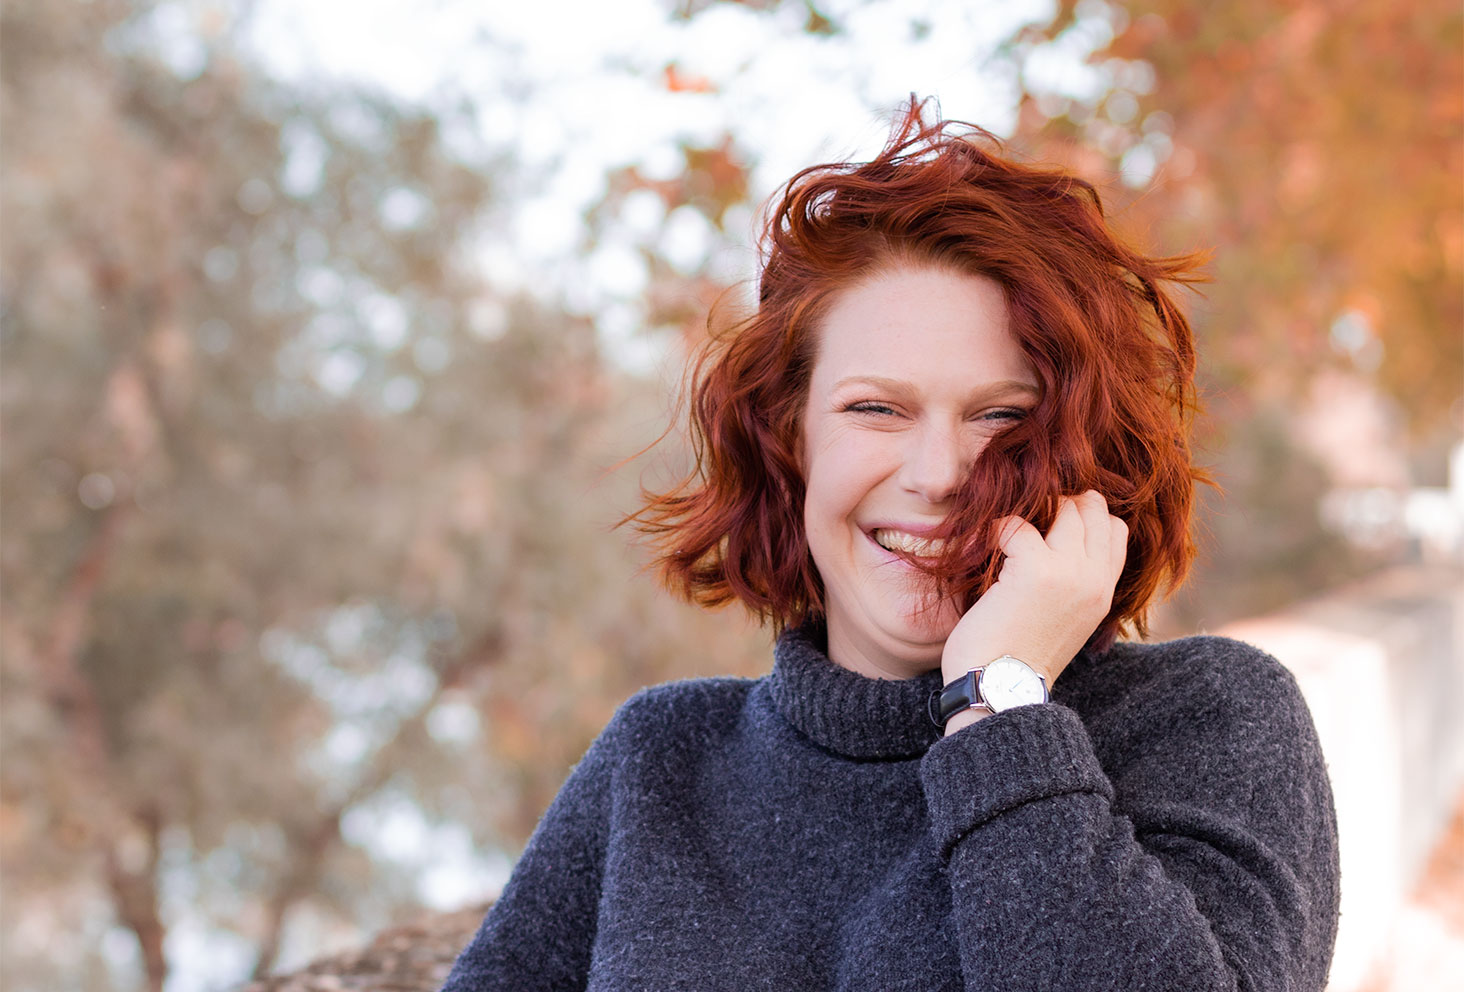 De face avec le sourire et les cheveux roux bouclés, la main dans les cheveux et en col roulé, zoom sur la montre DW noire portée